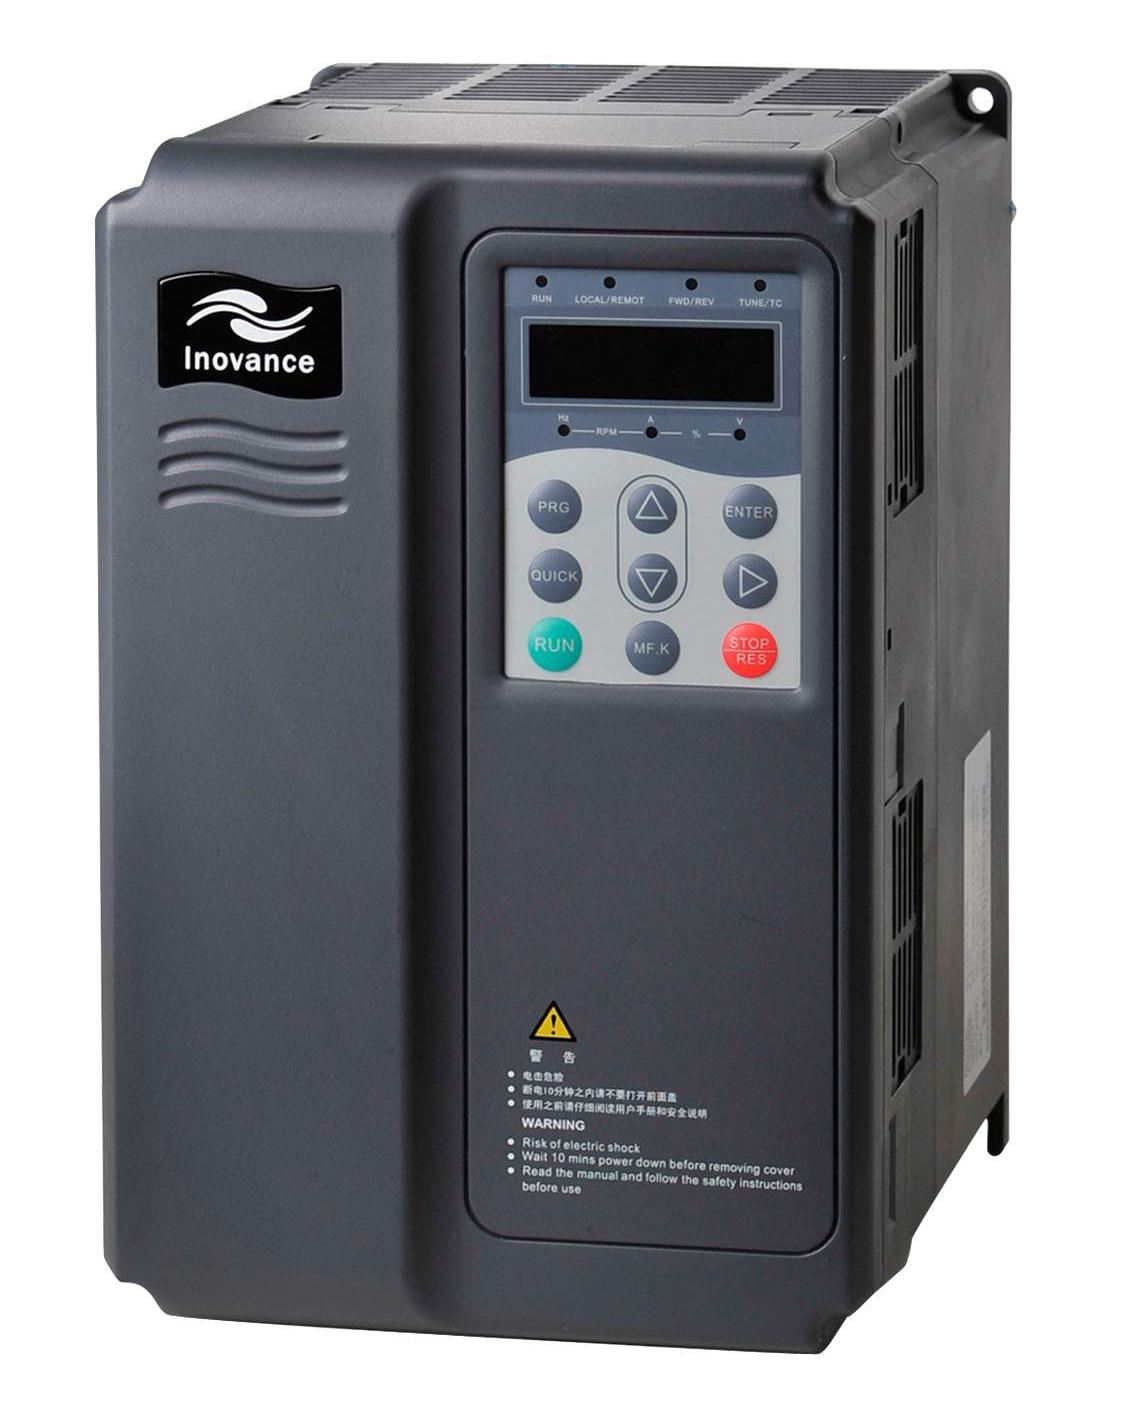 自动化仪器仪表产品代理及分销